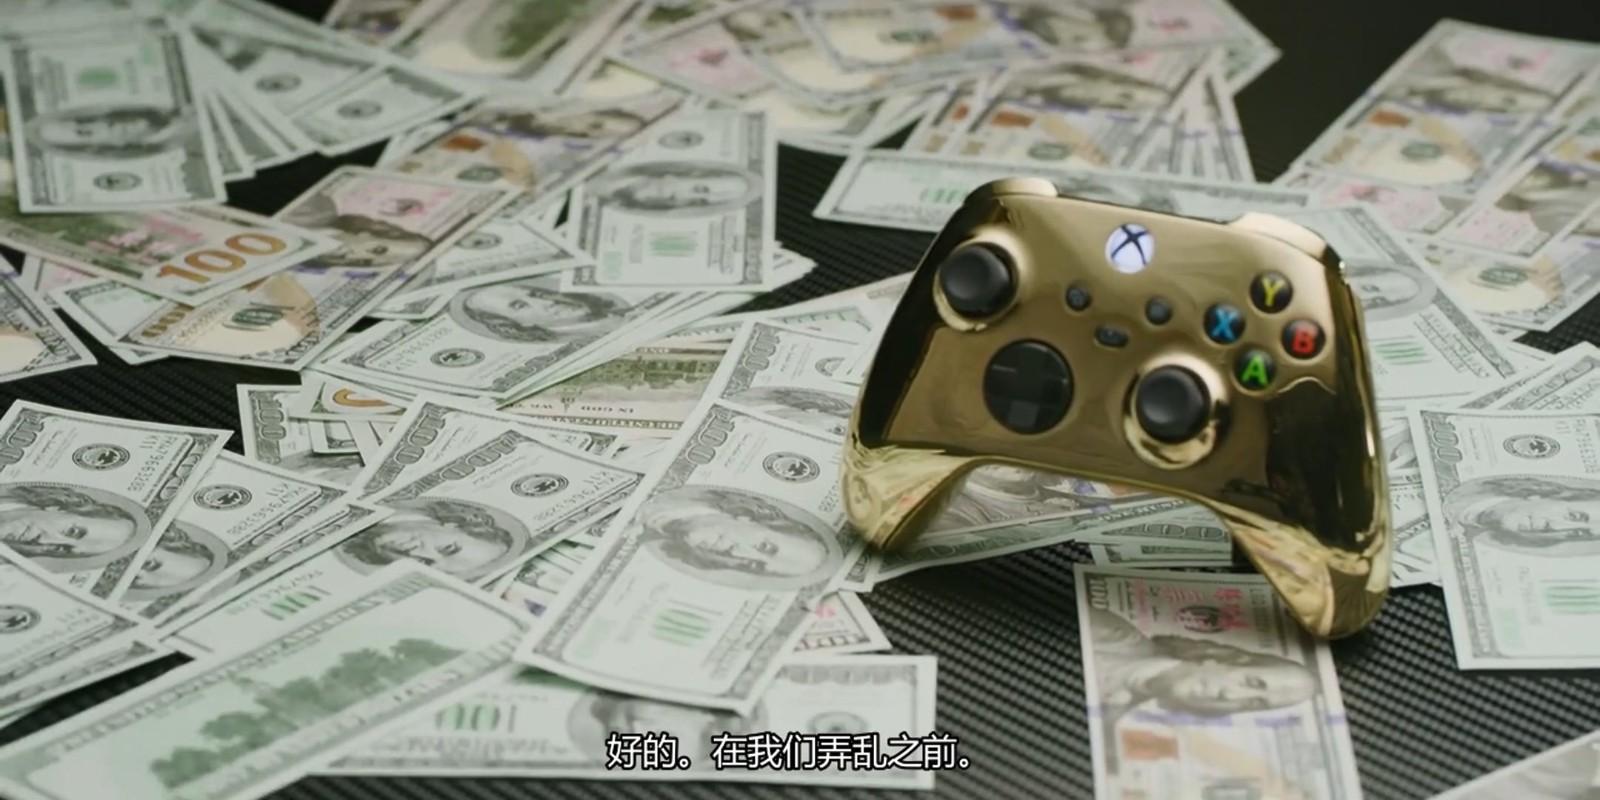 油管主用纯金制作最贵Xbox手柄 造价57万余元